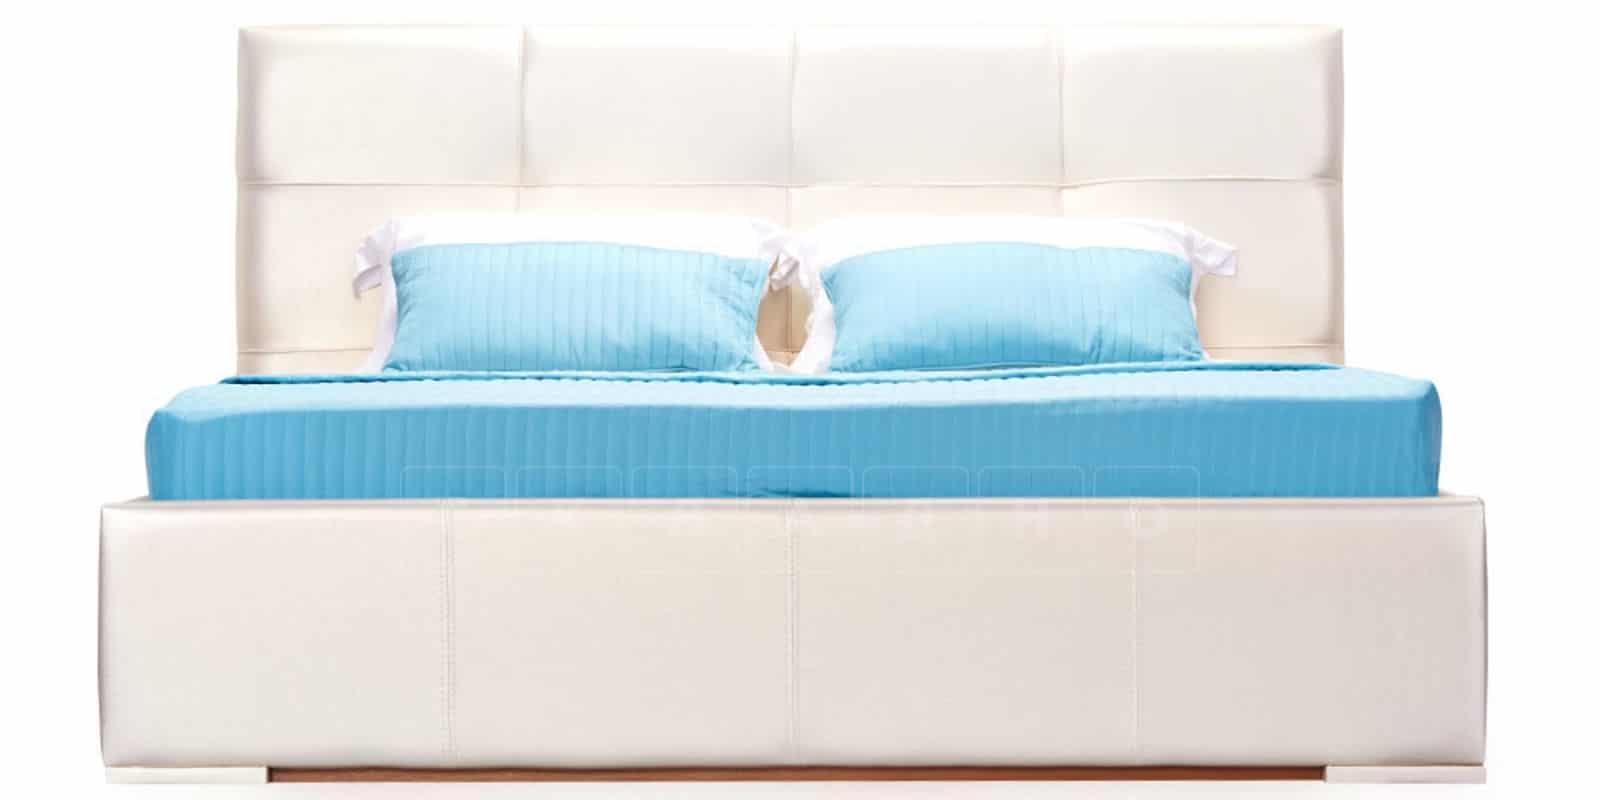 Мягкая кровать Лайф 160см перламутр с подъемным механизмом фото 3 | интернет-магазин Складно